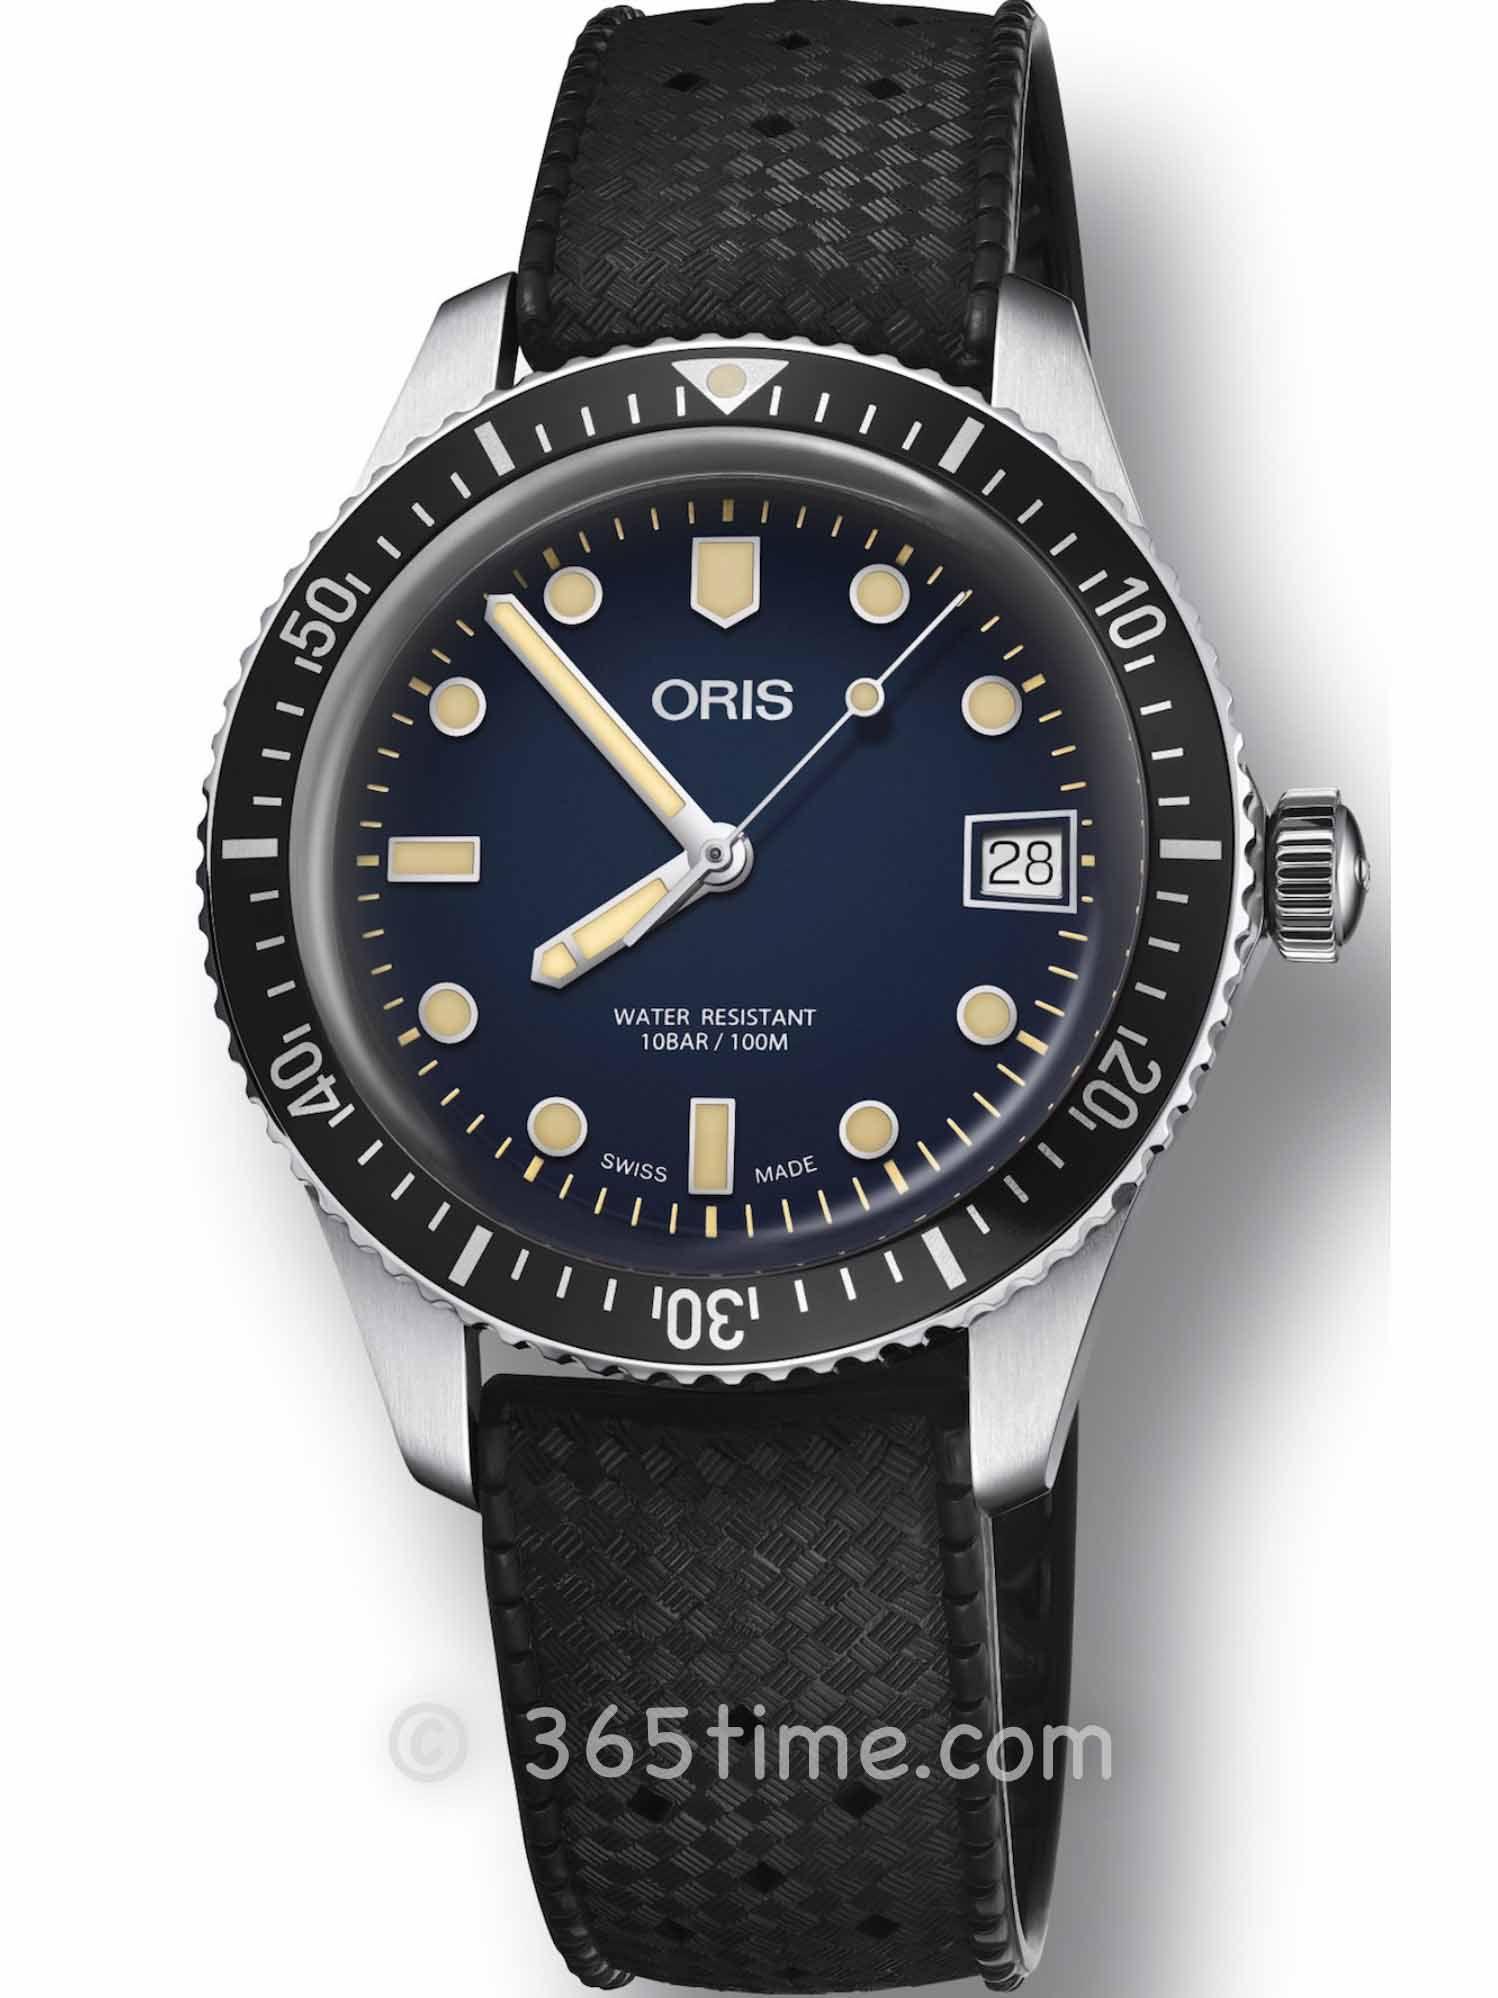 Oris豪利时潜水系列65年复刻版潜水腕表01 733 7747 4055-07 4 17 18